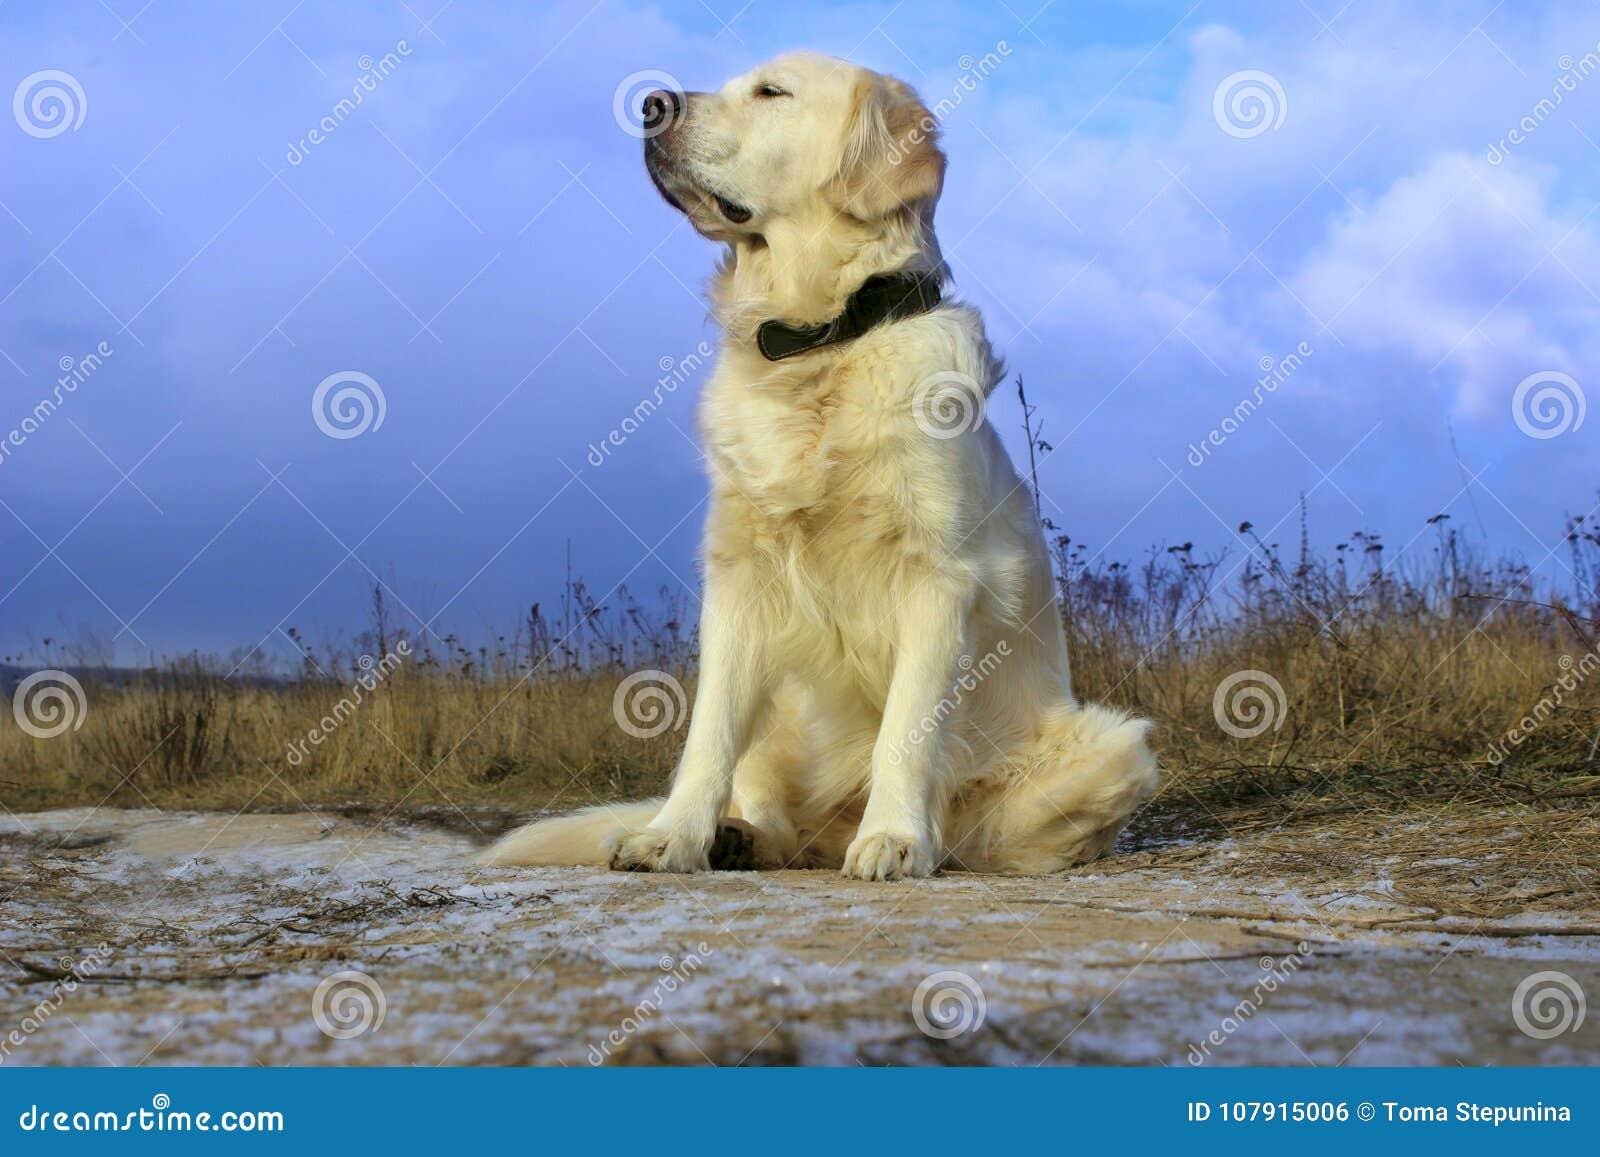 Συνεδρίαση σκυλιών στο δρόμο και αναμονή για τον ιδιοκτήτη